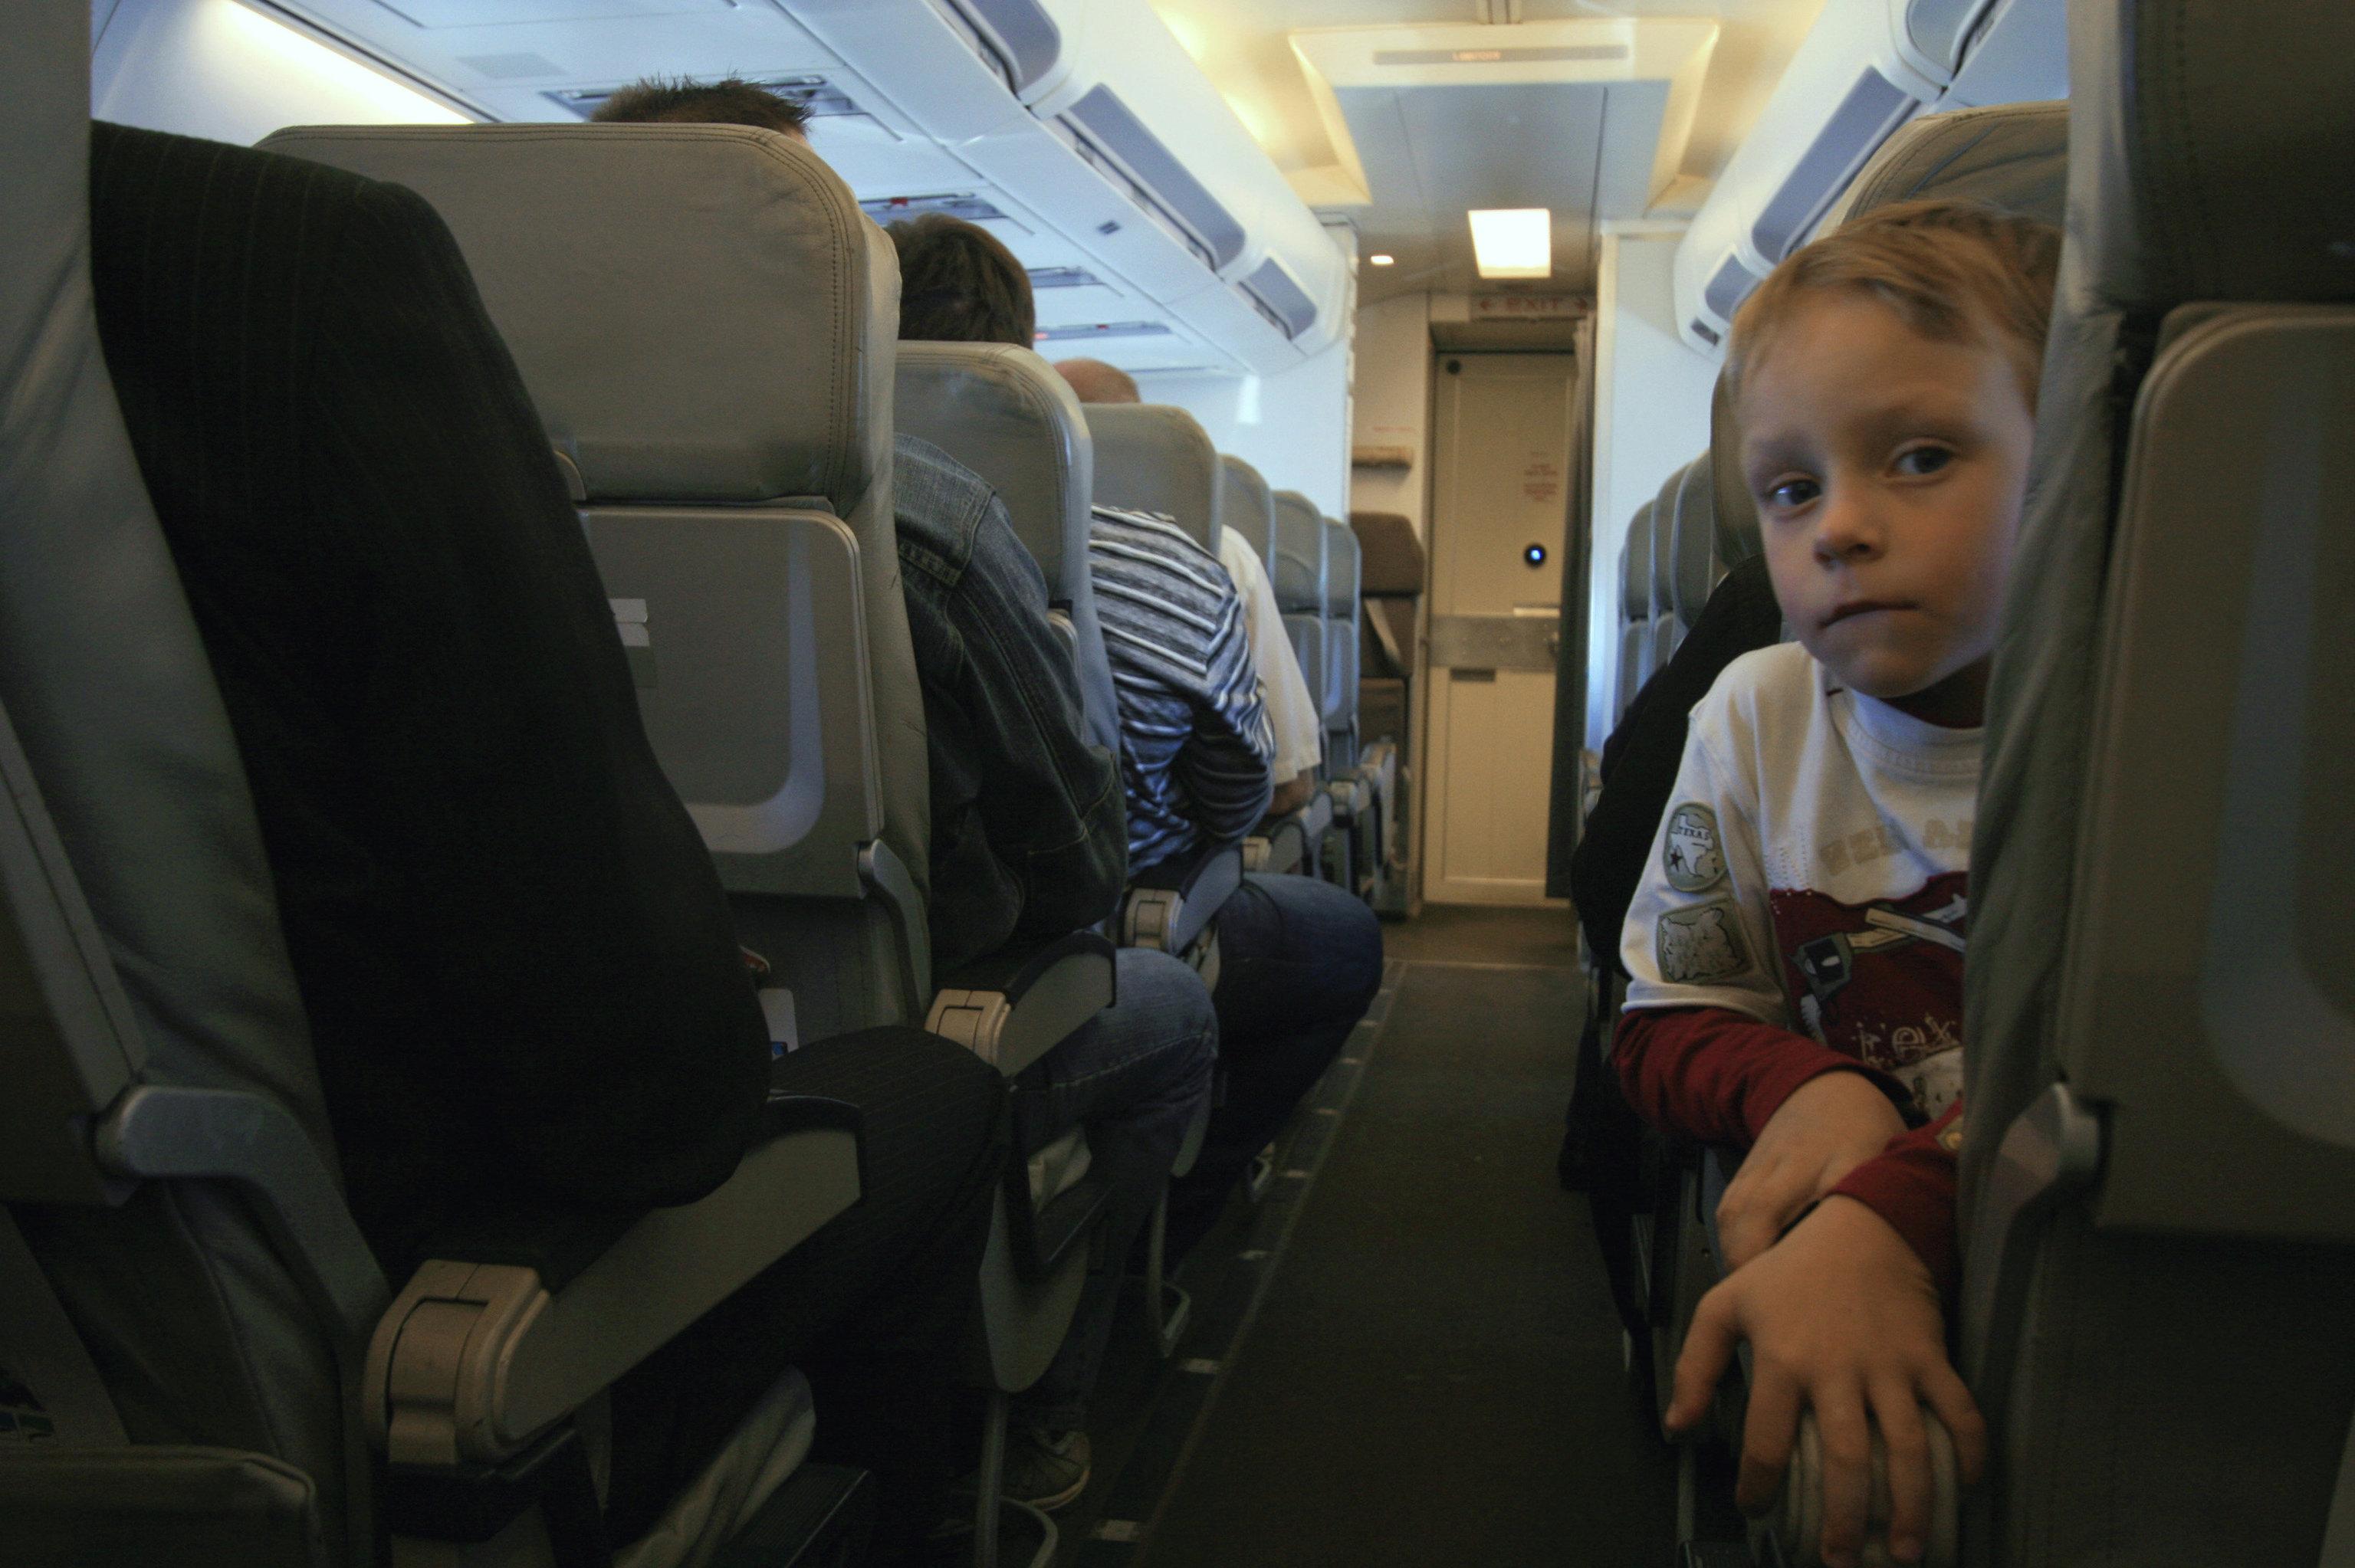 Почему нет видеокамер в самолете